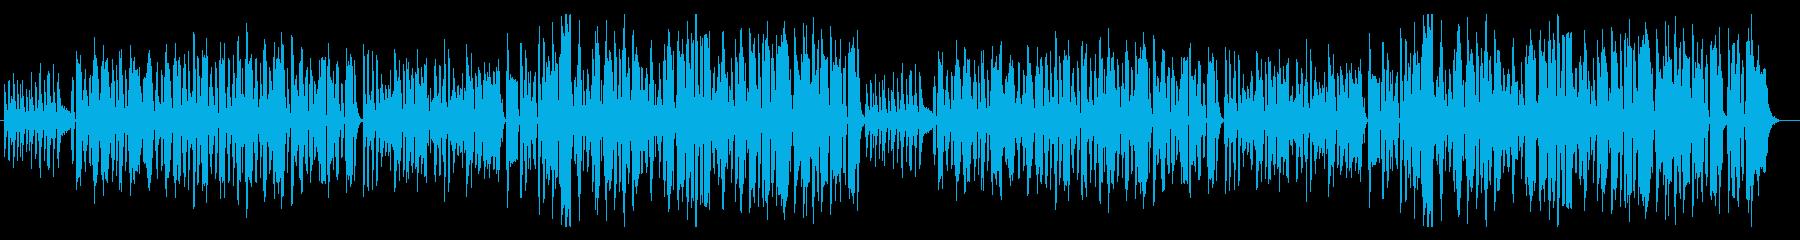 ゆるくてほのぼの 可愛いおもちゃ曲の再生済みの波形